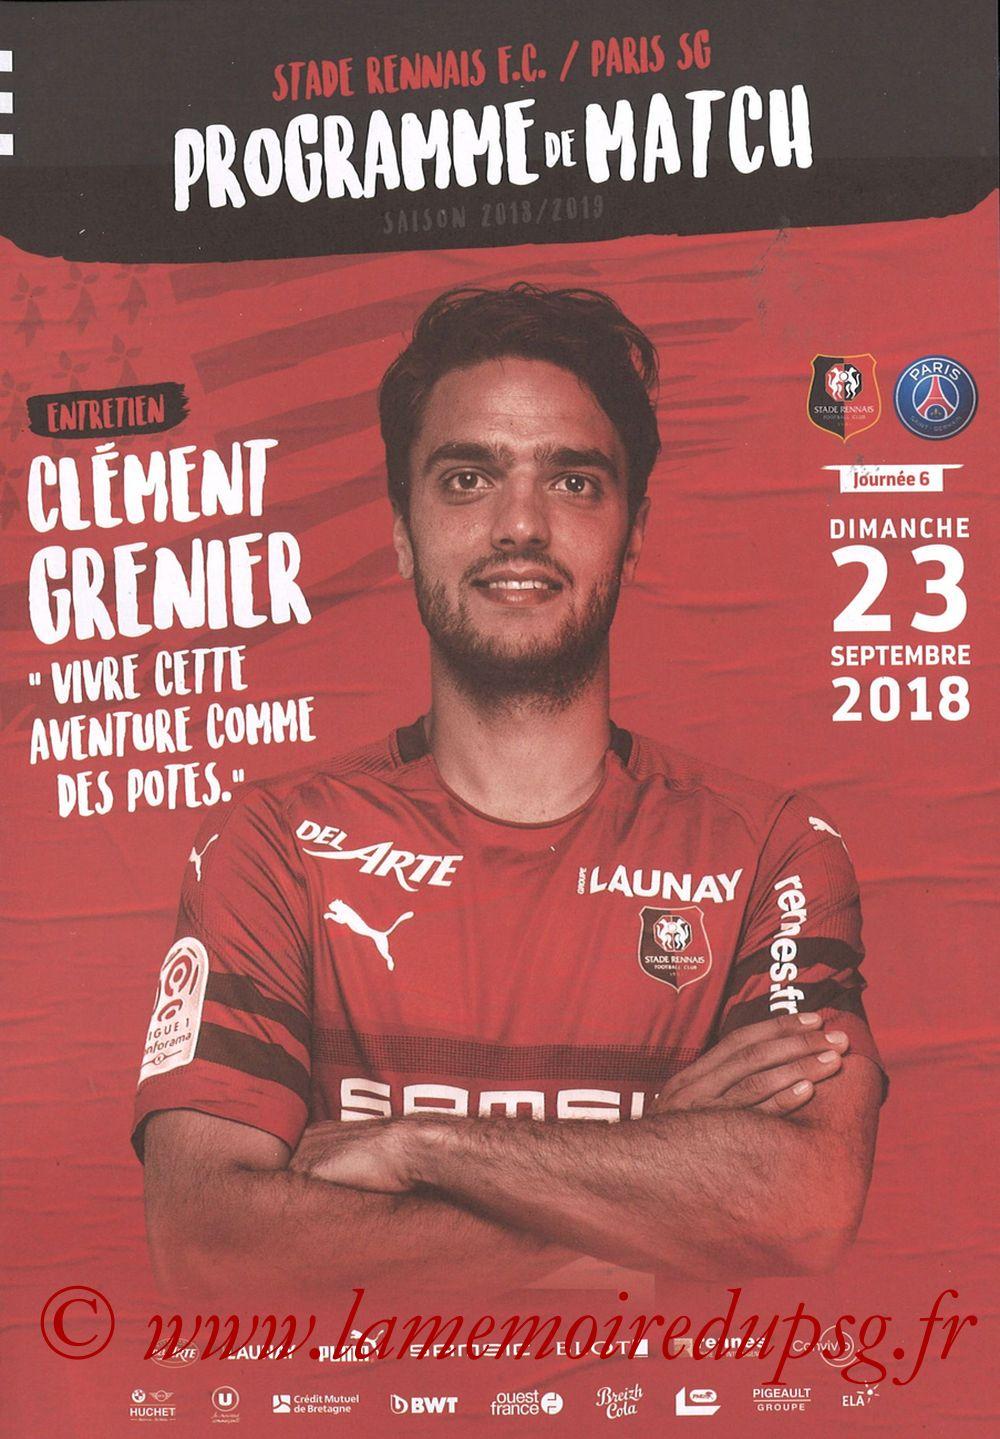 2018-09-23  Rennes-PSG (6ème L1, Programme officiel)